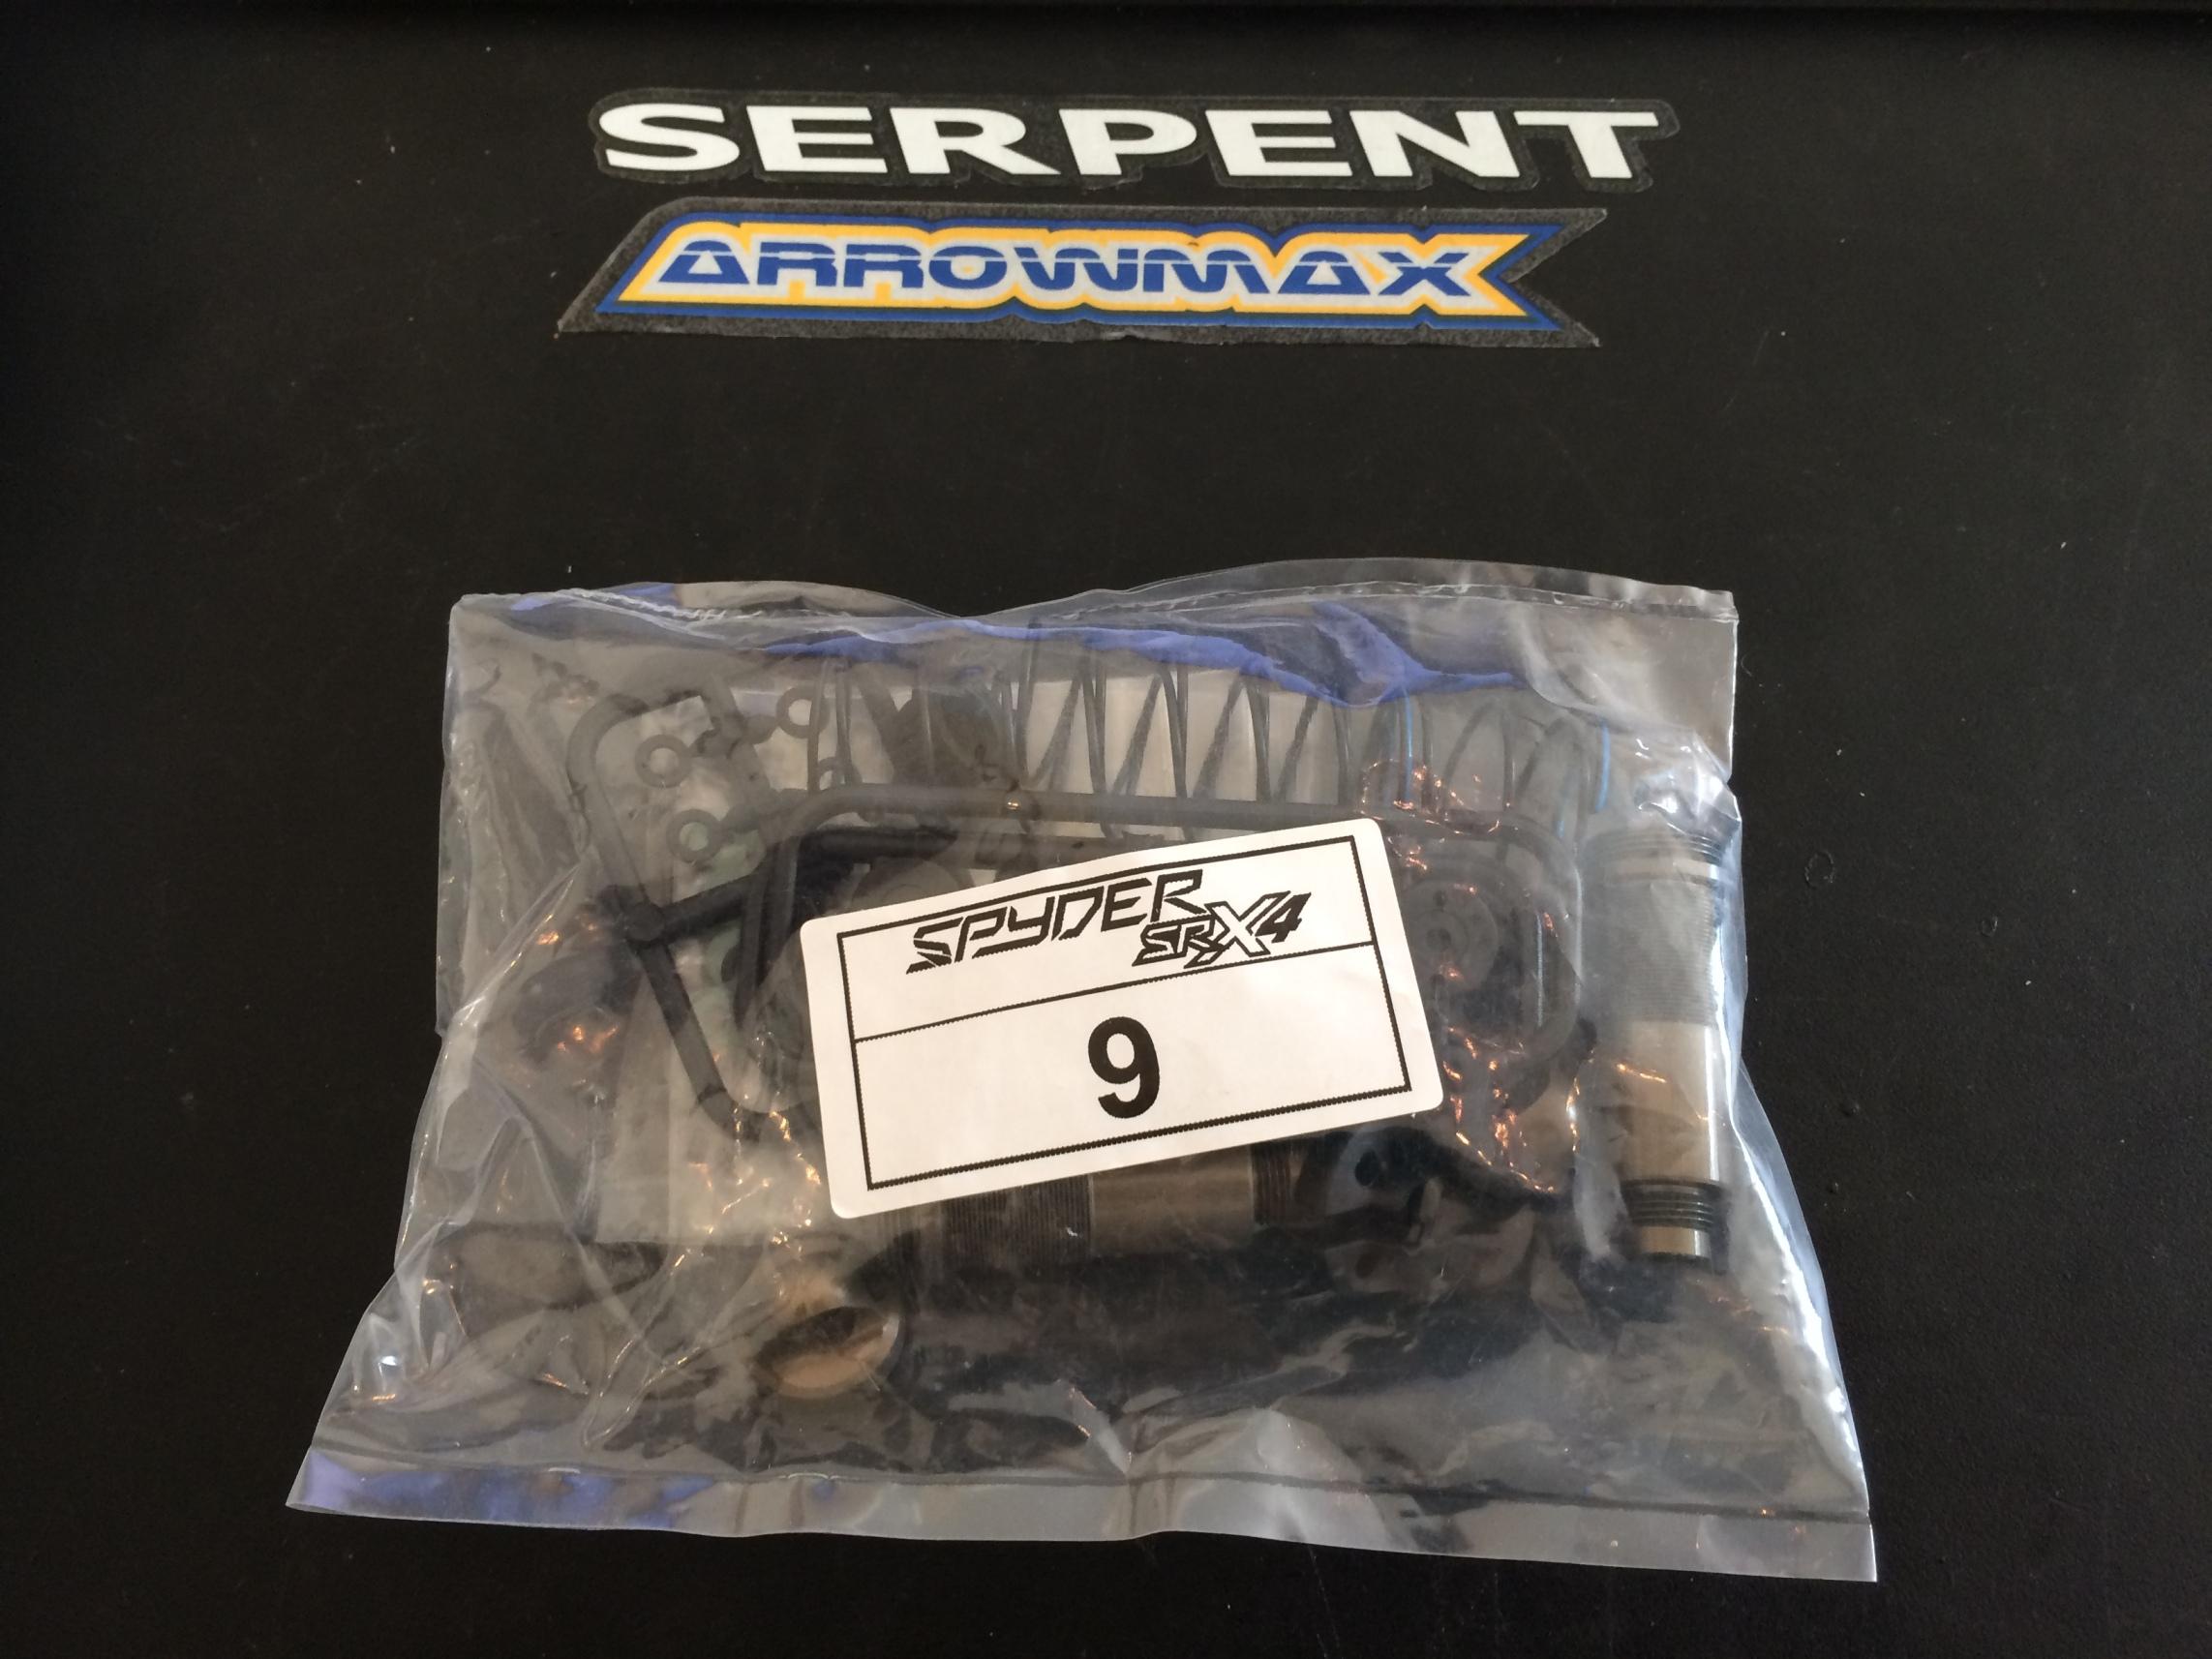 Serpent SRX-4 Build 135